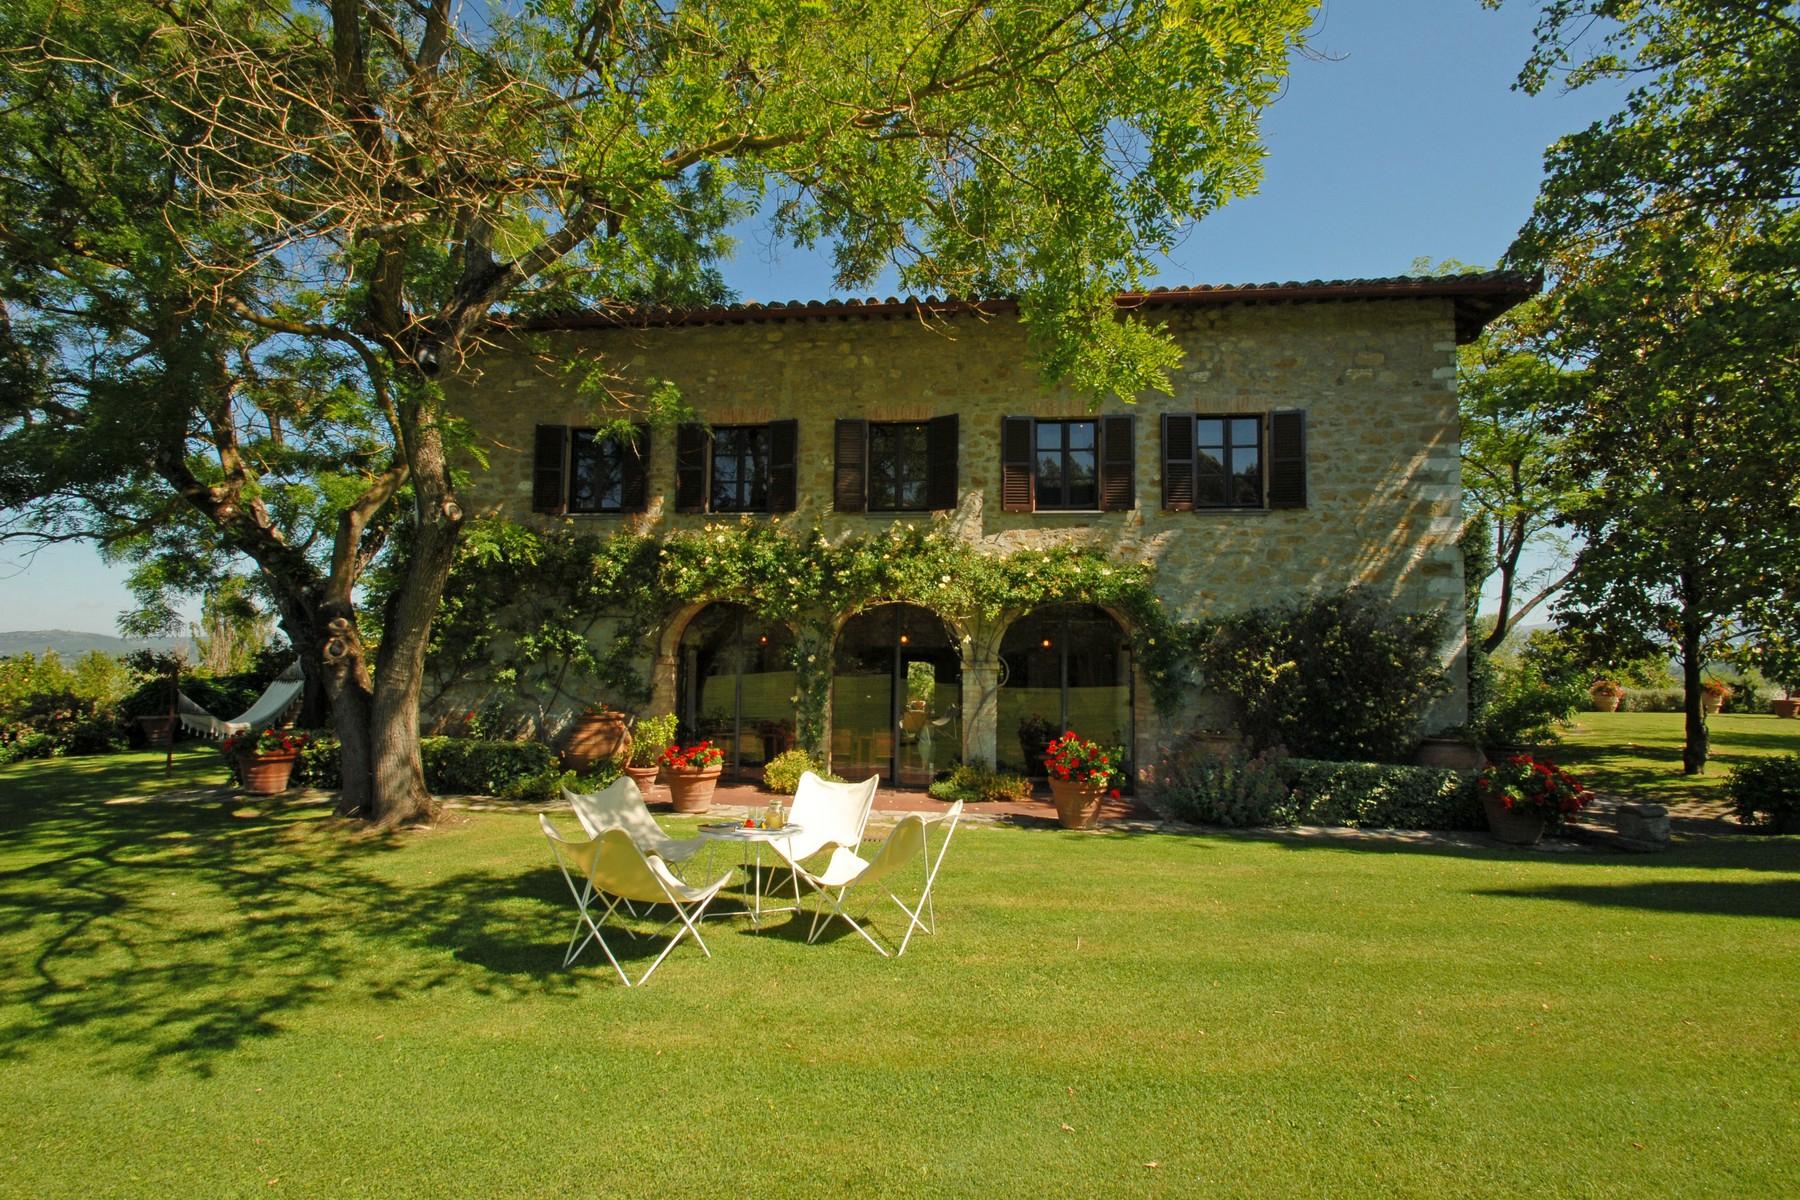 Villa in Vendita a Corciano: 5 locali, 650 mq - Foto 2